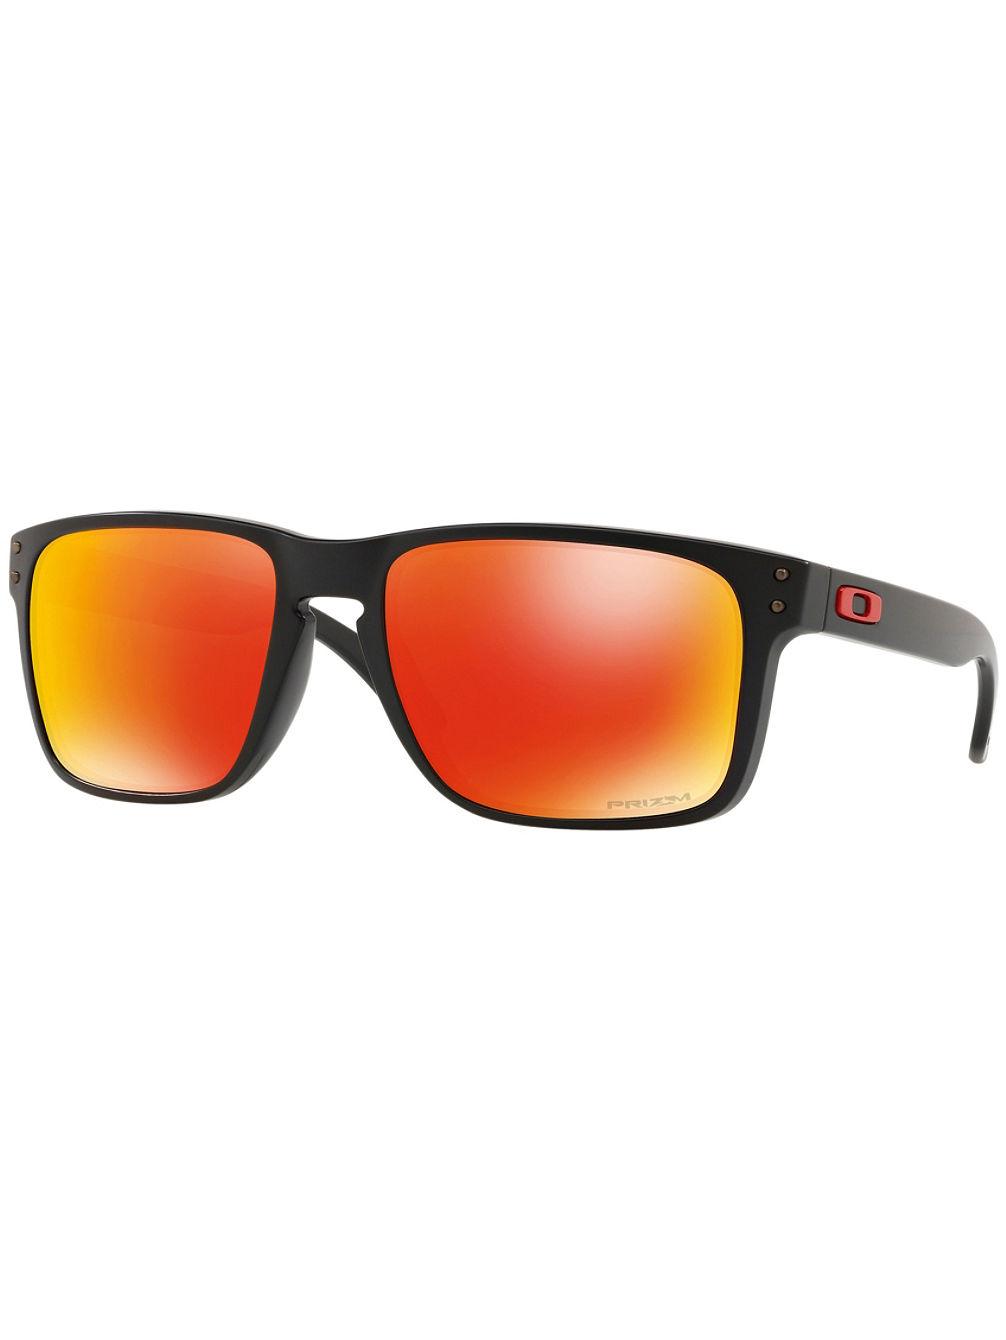 d71002502c2be Buy Oakley Holbrook XL Matte Black online at Blue Tomato